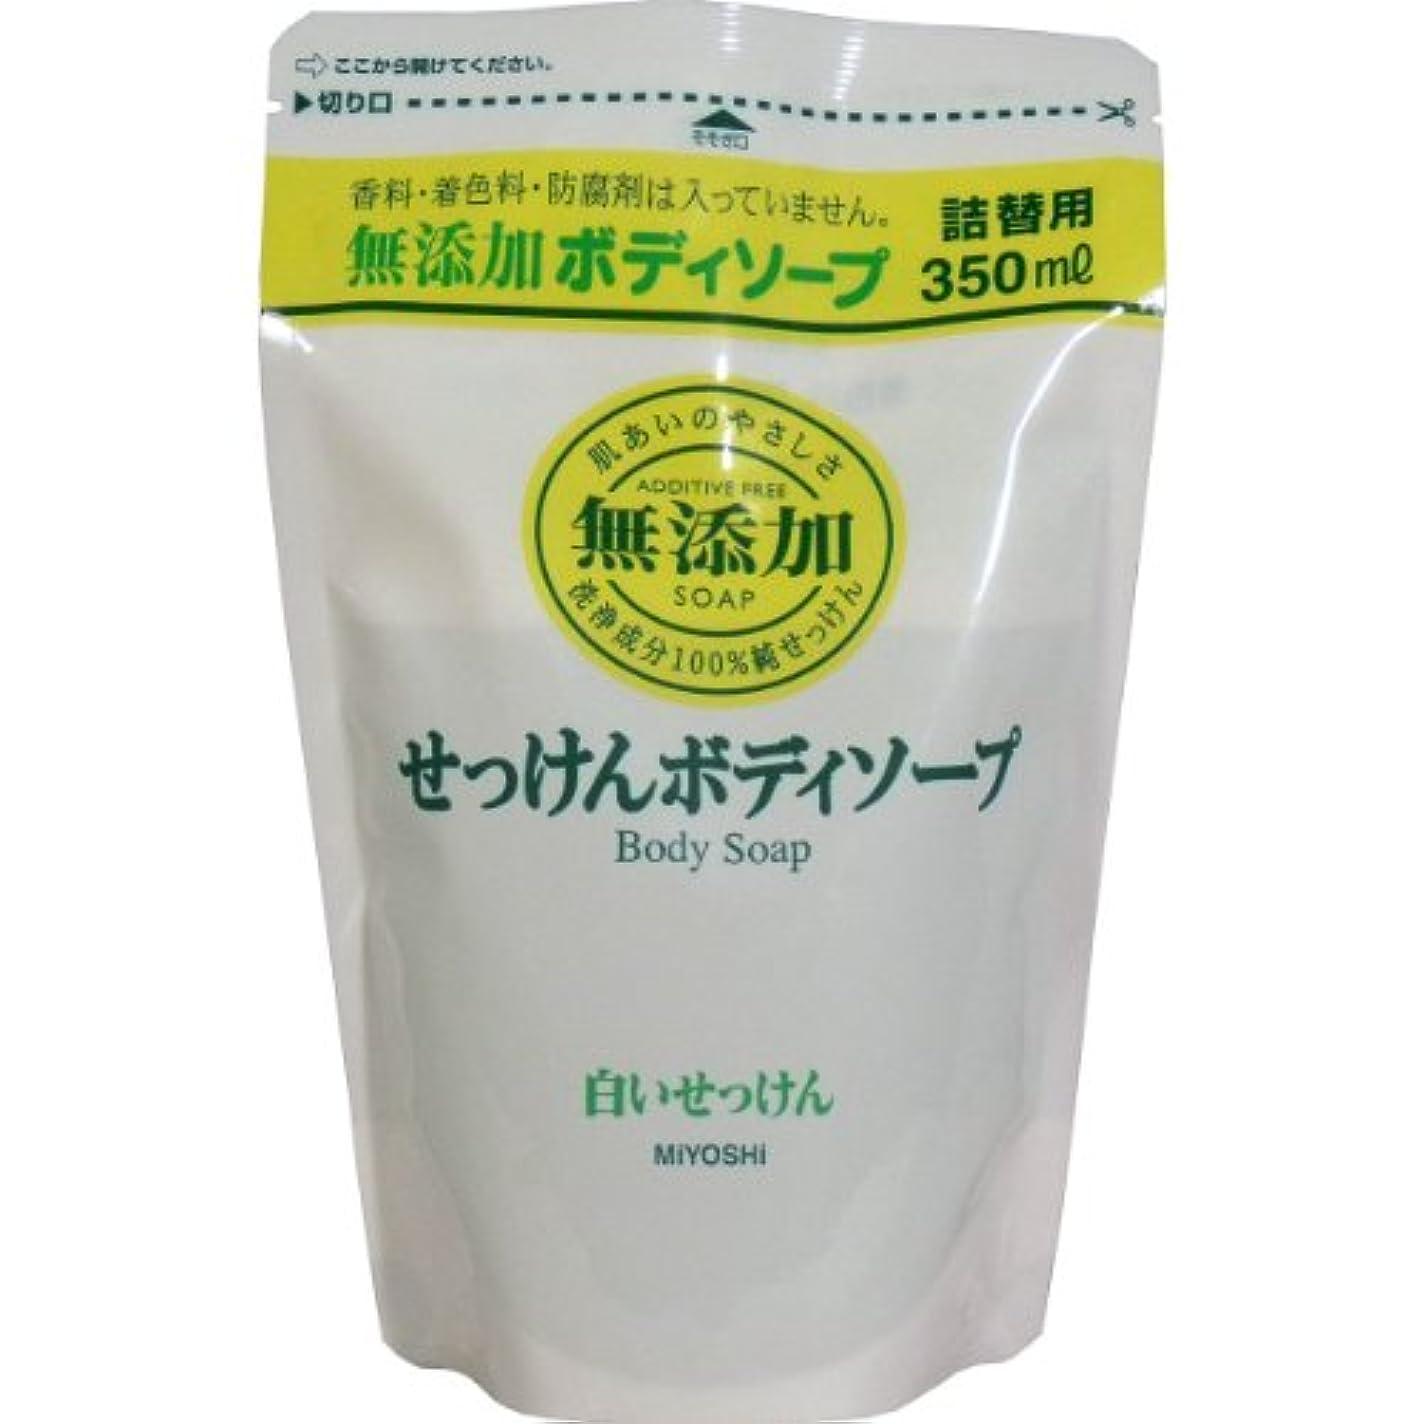 安全性不条理故障ミヨシ 無添加 ボディソープ 白い石けん つめかえ用 350ml(無添加石鹸) x 10個セット